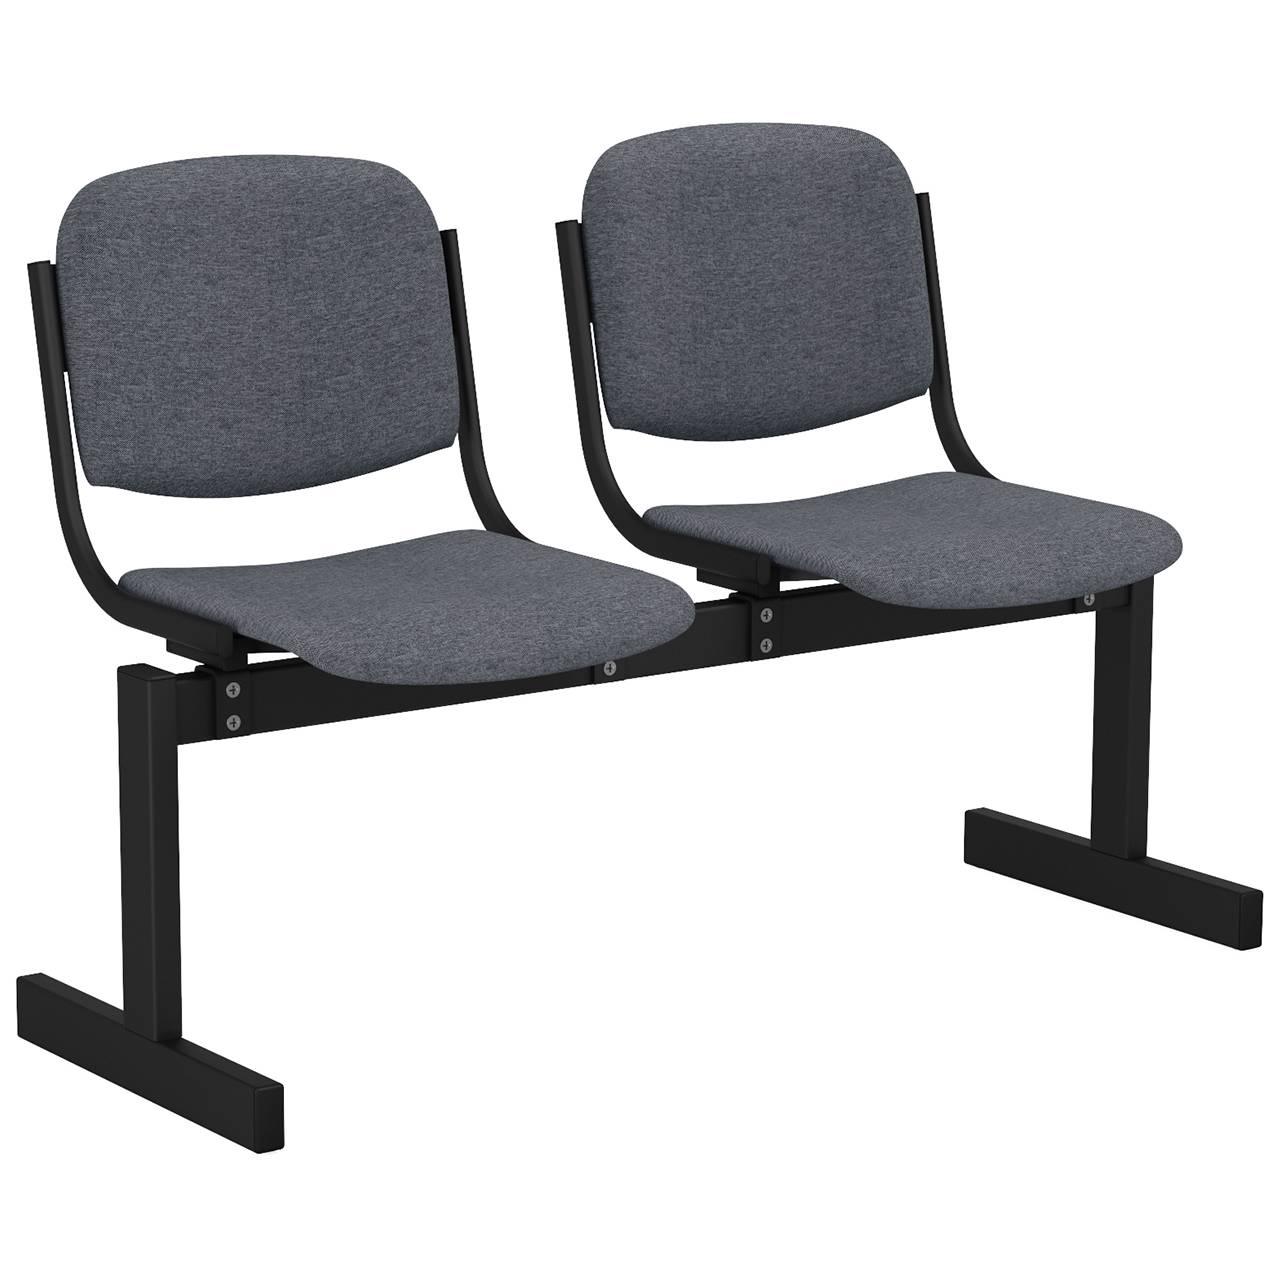 2-местный, не откидывающиеся сиденья, мягкий черный серый Офисная ткань